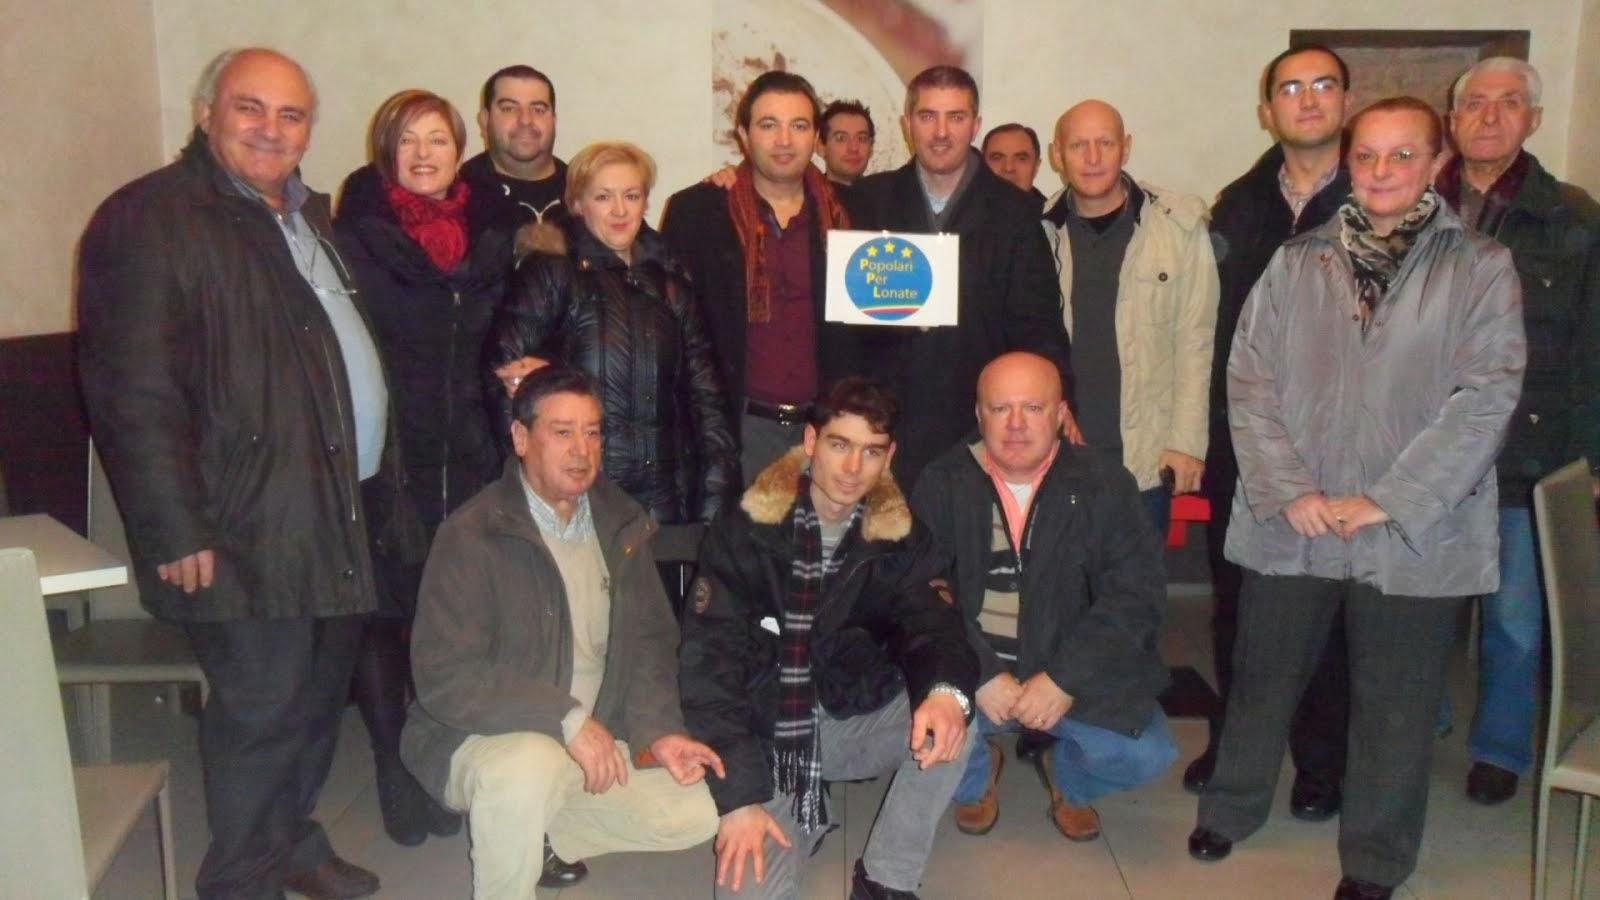 foto inaugurazione PPL con aderenti e amici (clicca sull'immagine)